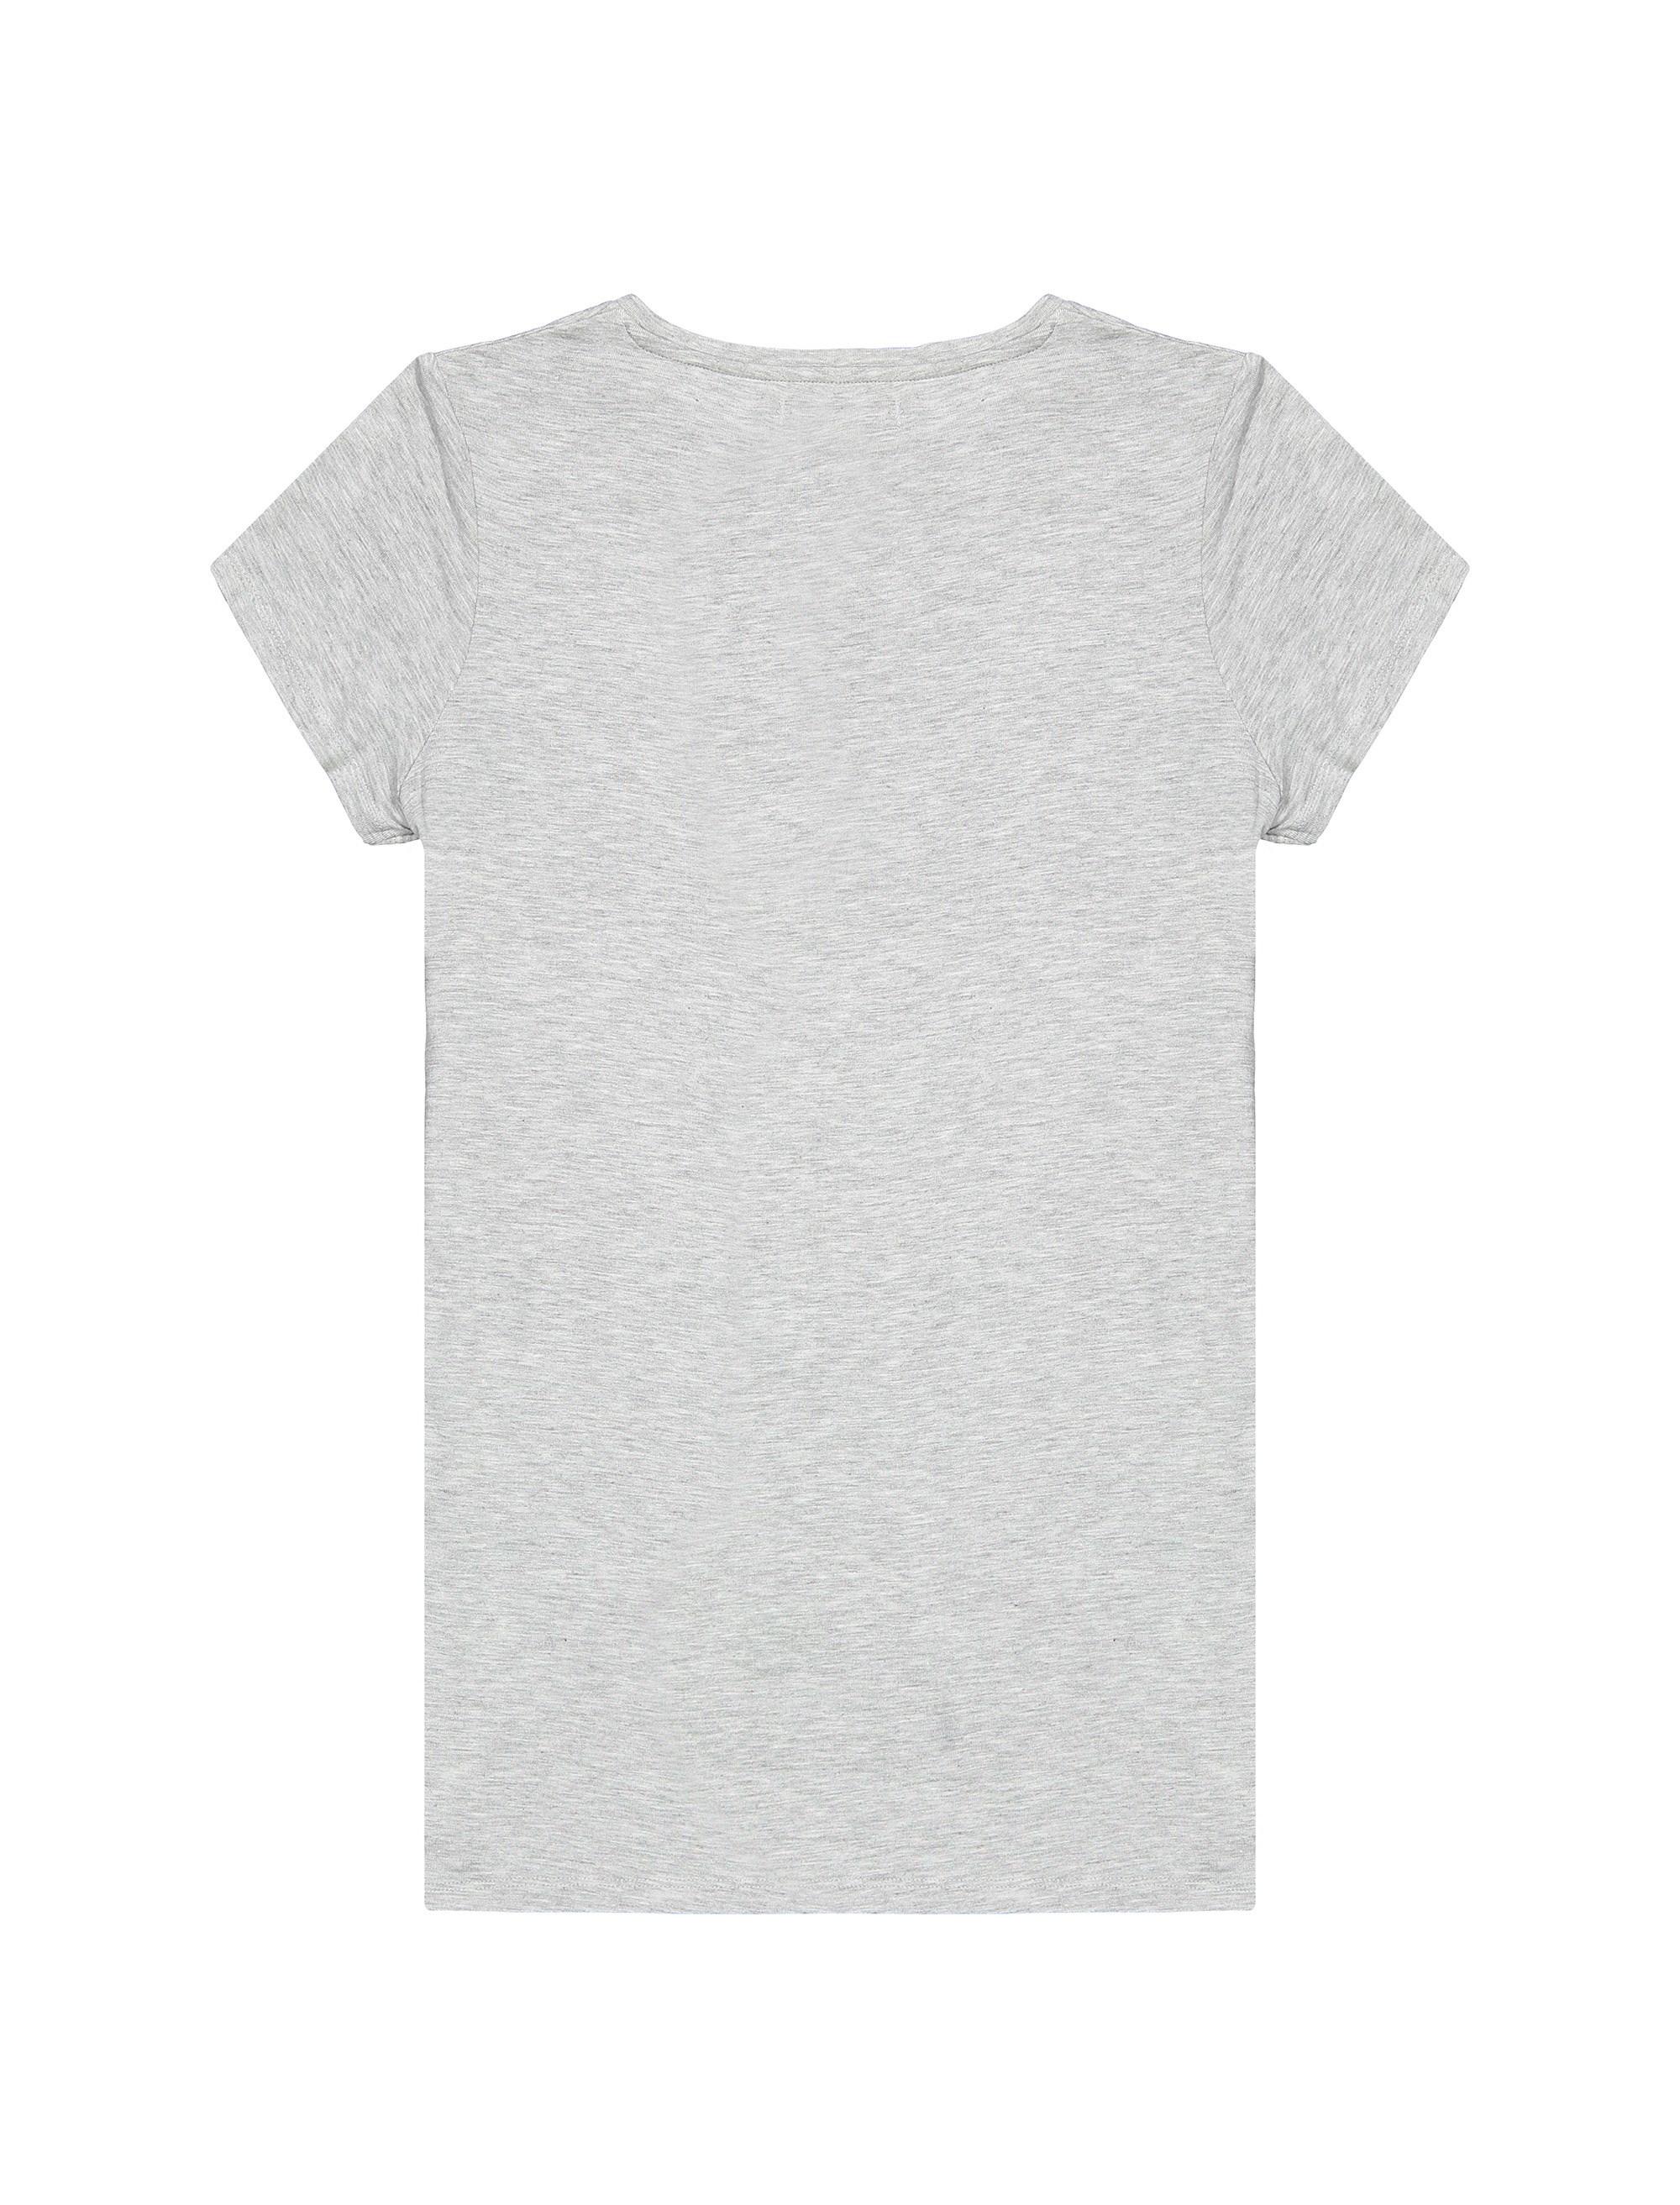 تی شرت ویسکوز یقه گرد دخترانه - بلوزو - طوسي   - 2